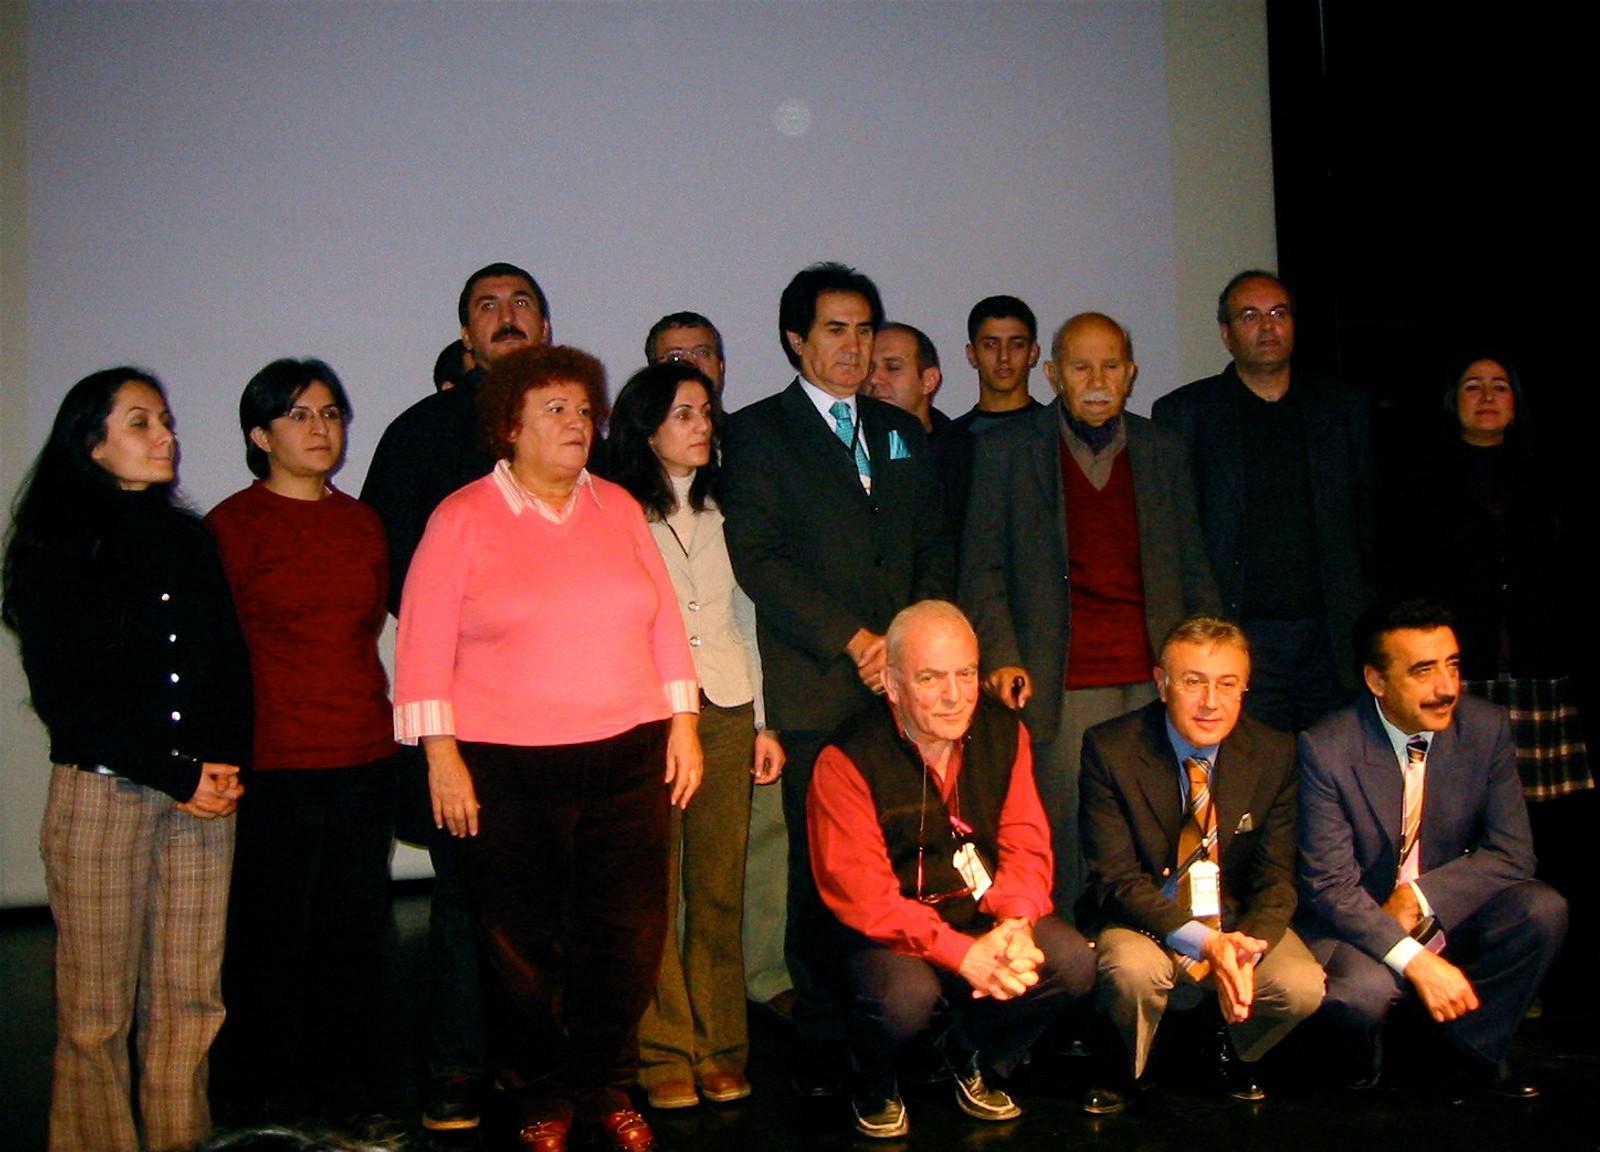 Disse tyrkiske musikerne har sittet i fengsel i til sammen 300 år! Jungeltelegrafen møtte dem i Istanbul